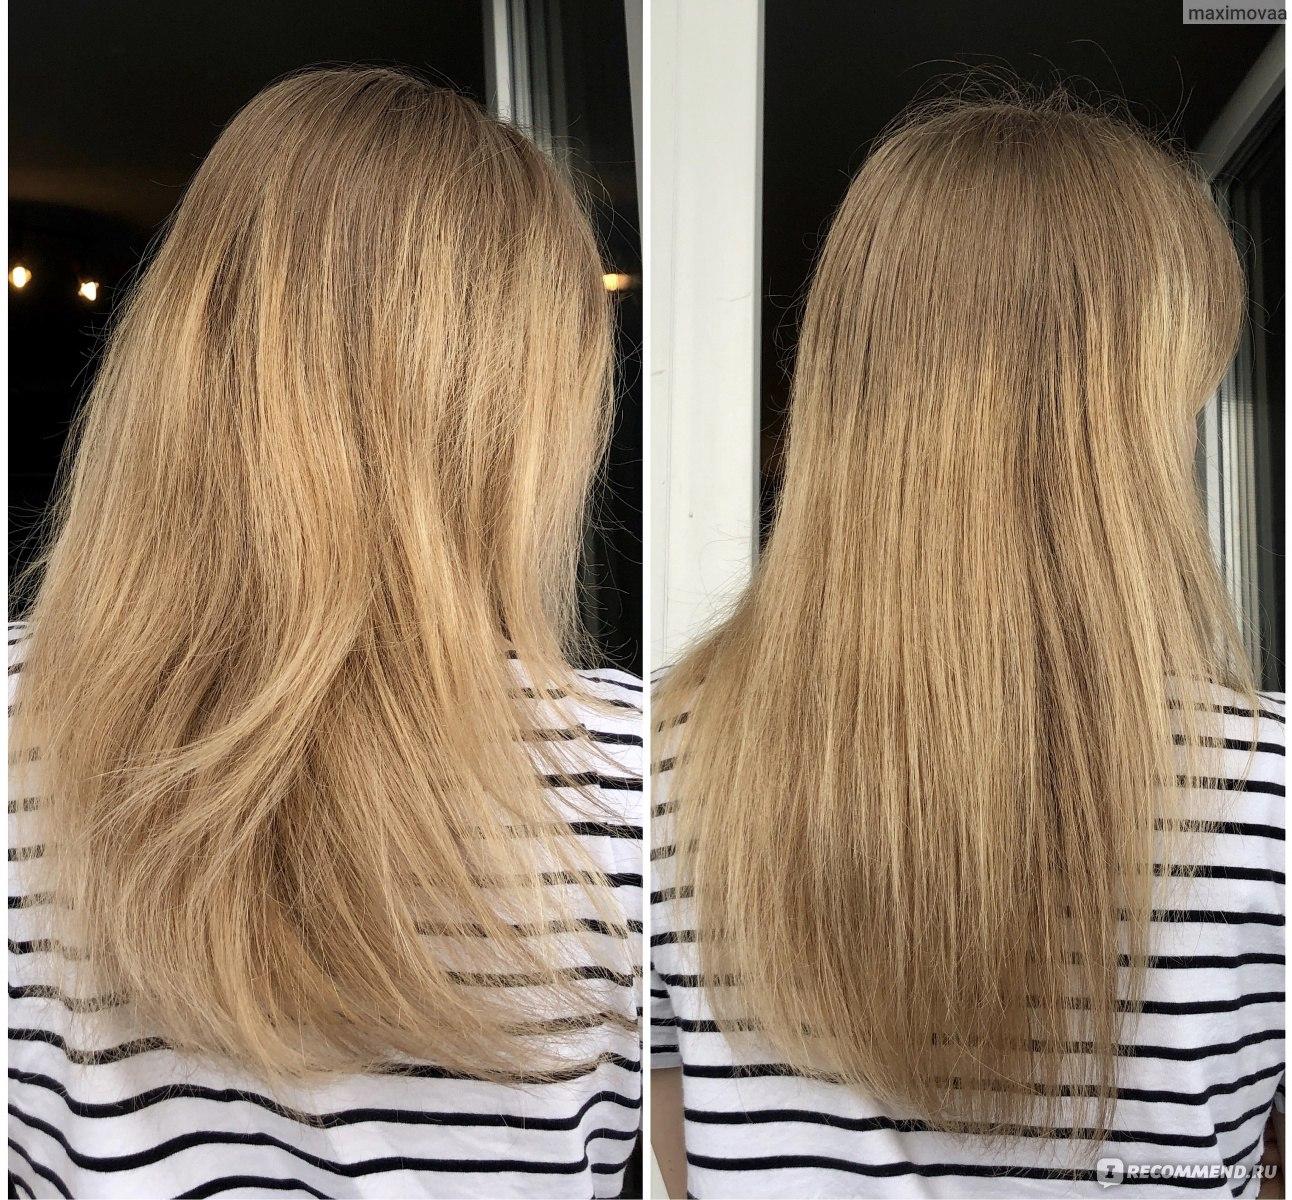 Как использовать филлер для волос?